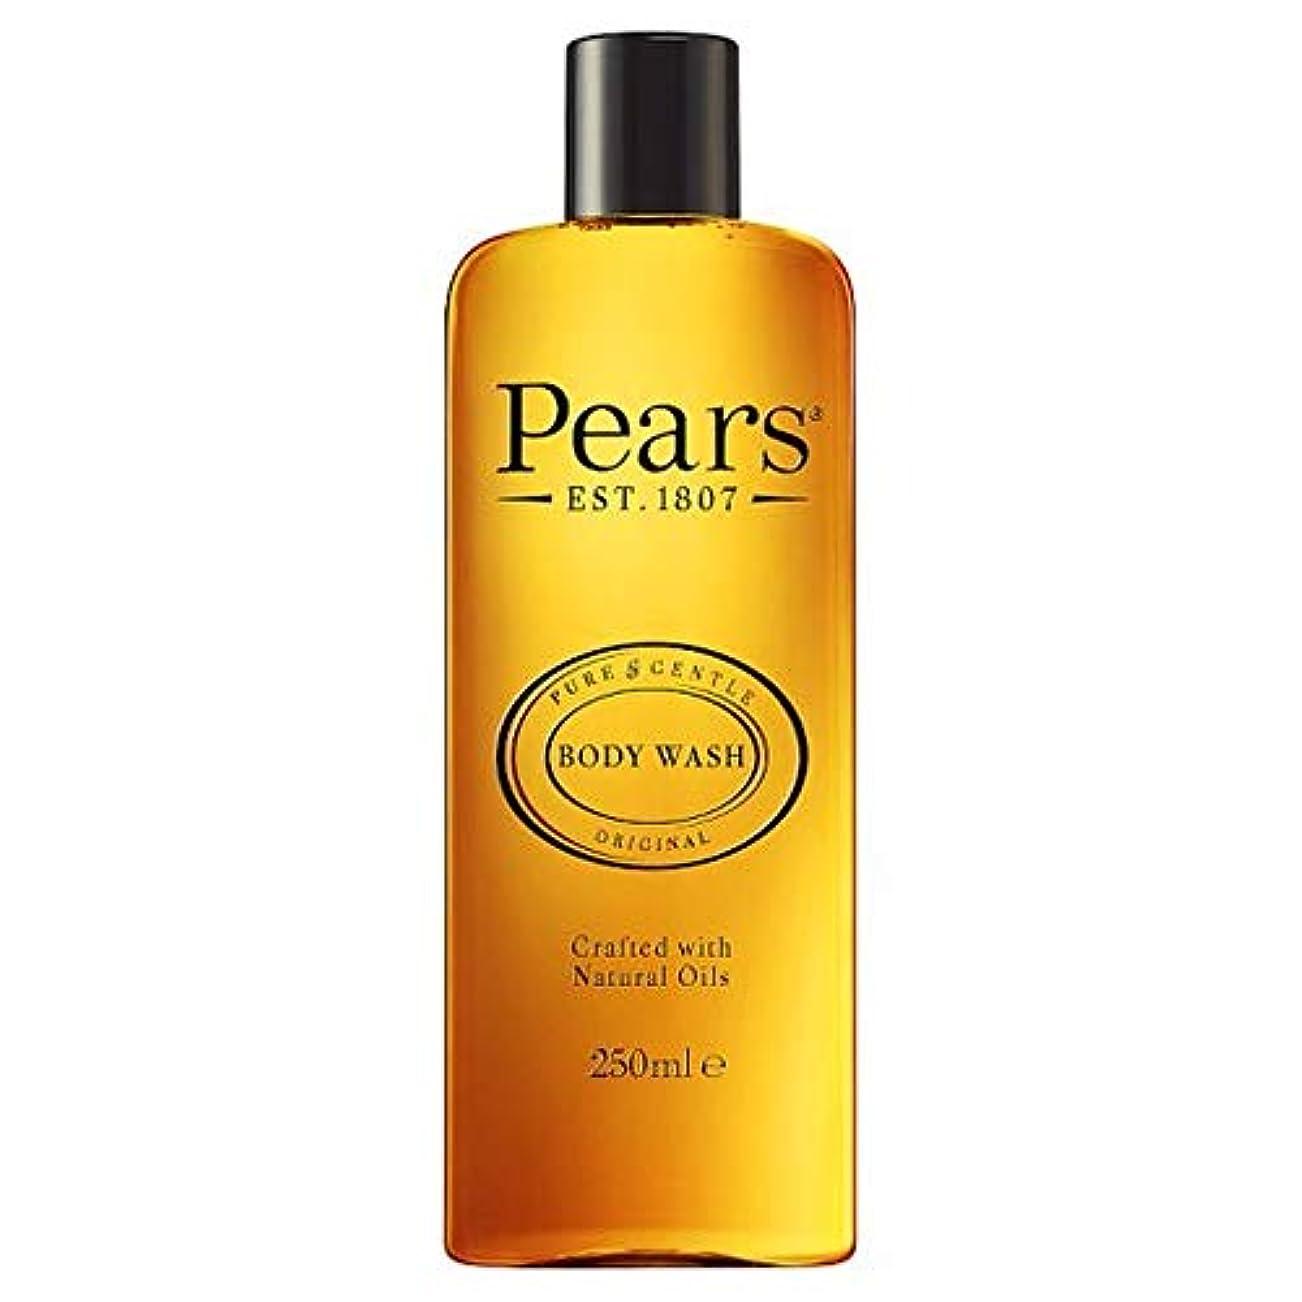 ヘビー壊れた同一の[Pears] 梨シャワージェル250ミリリットル - Pears Shower Gel 250Ml [並行輸入品]